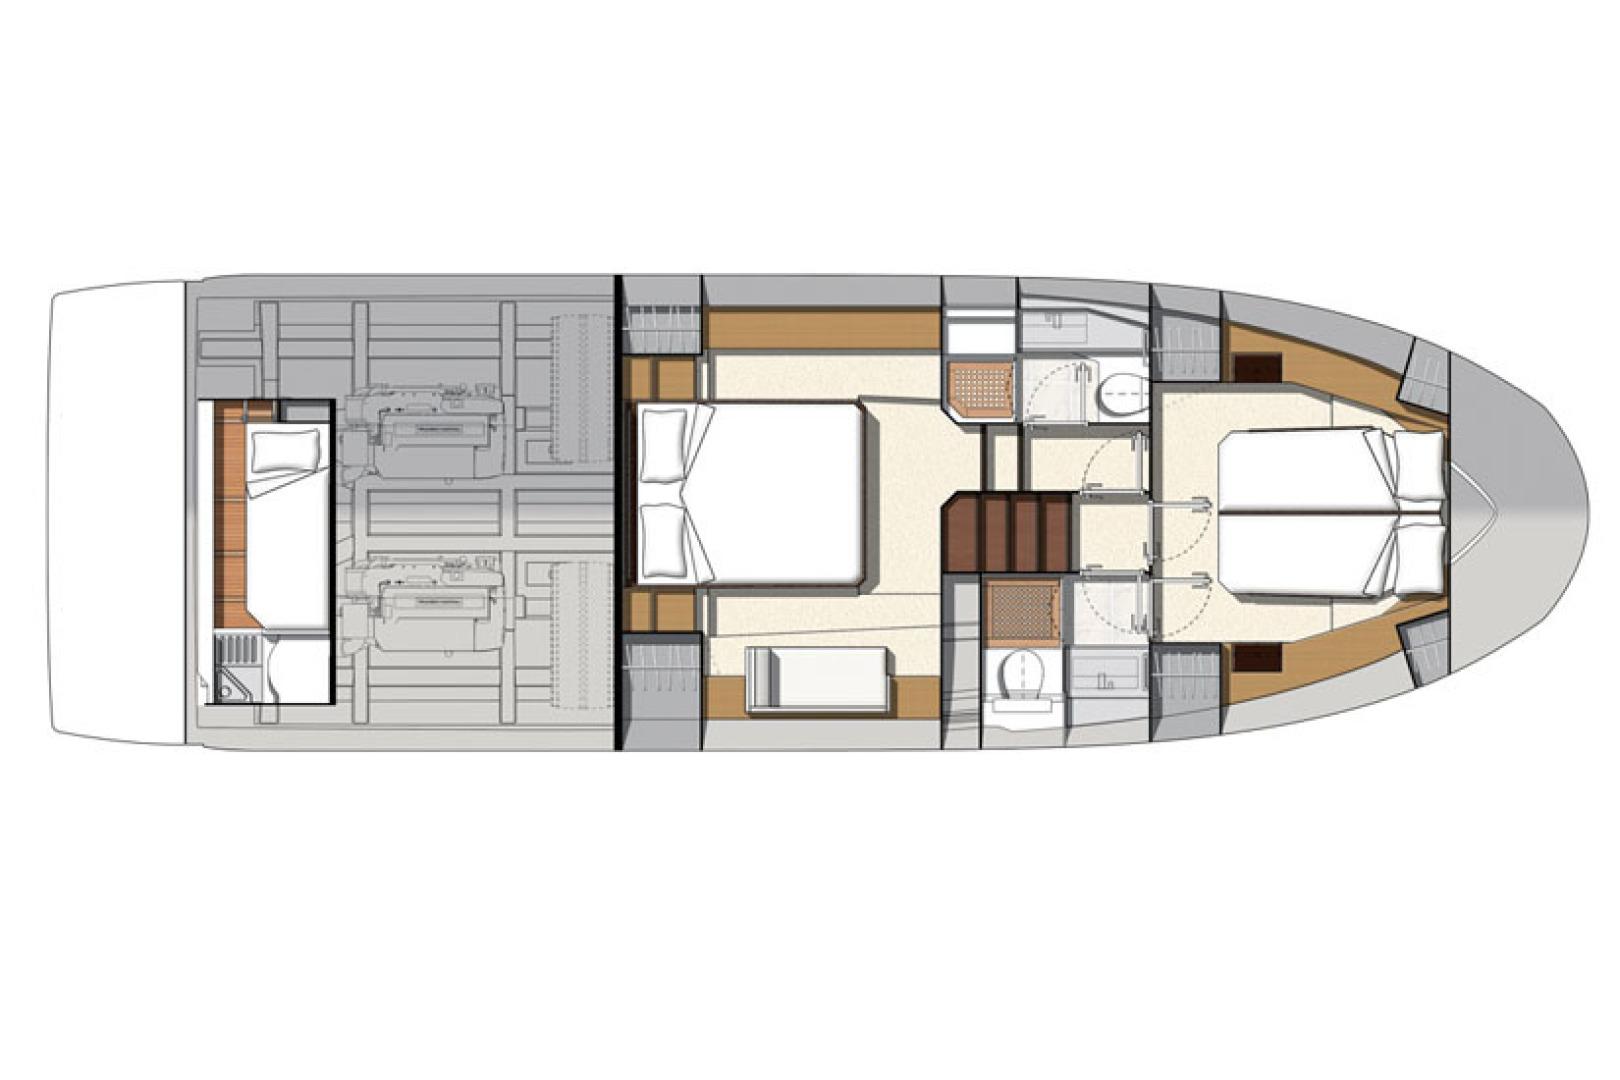 Prestige-460 S 2018-Unforgettable St Petersburg-Florida-United States-2018 Prestige 460 S Yacht  Unforgettable  Interior Layout-1445399   Thumbnail